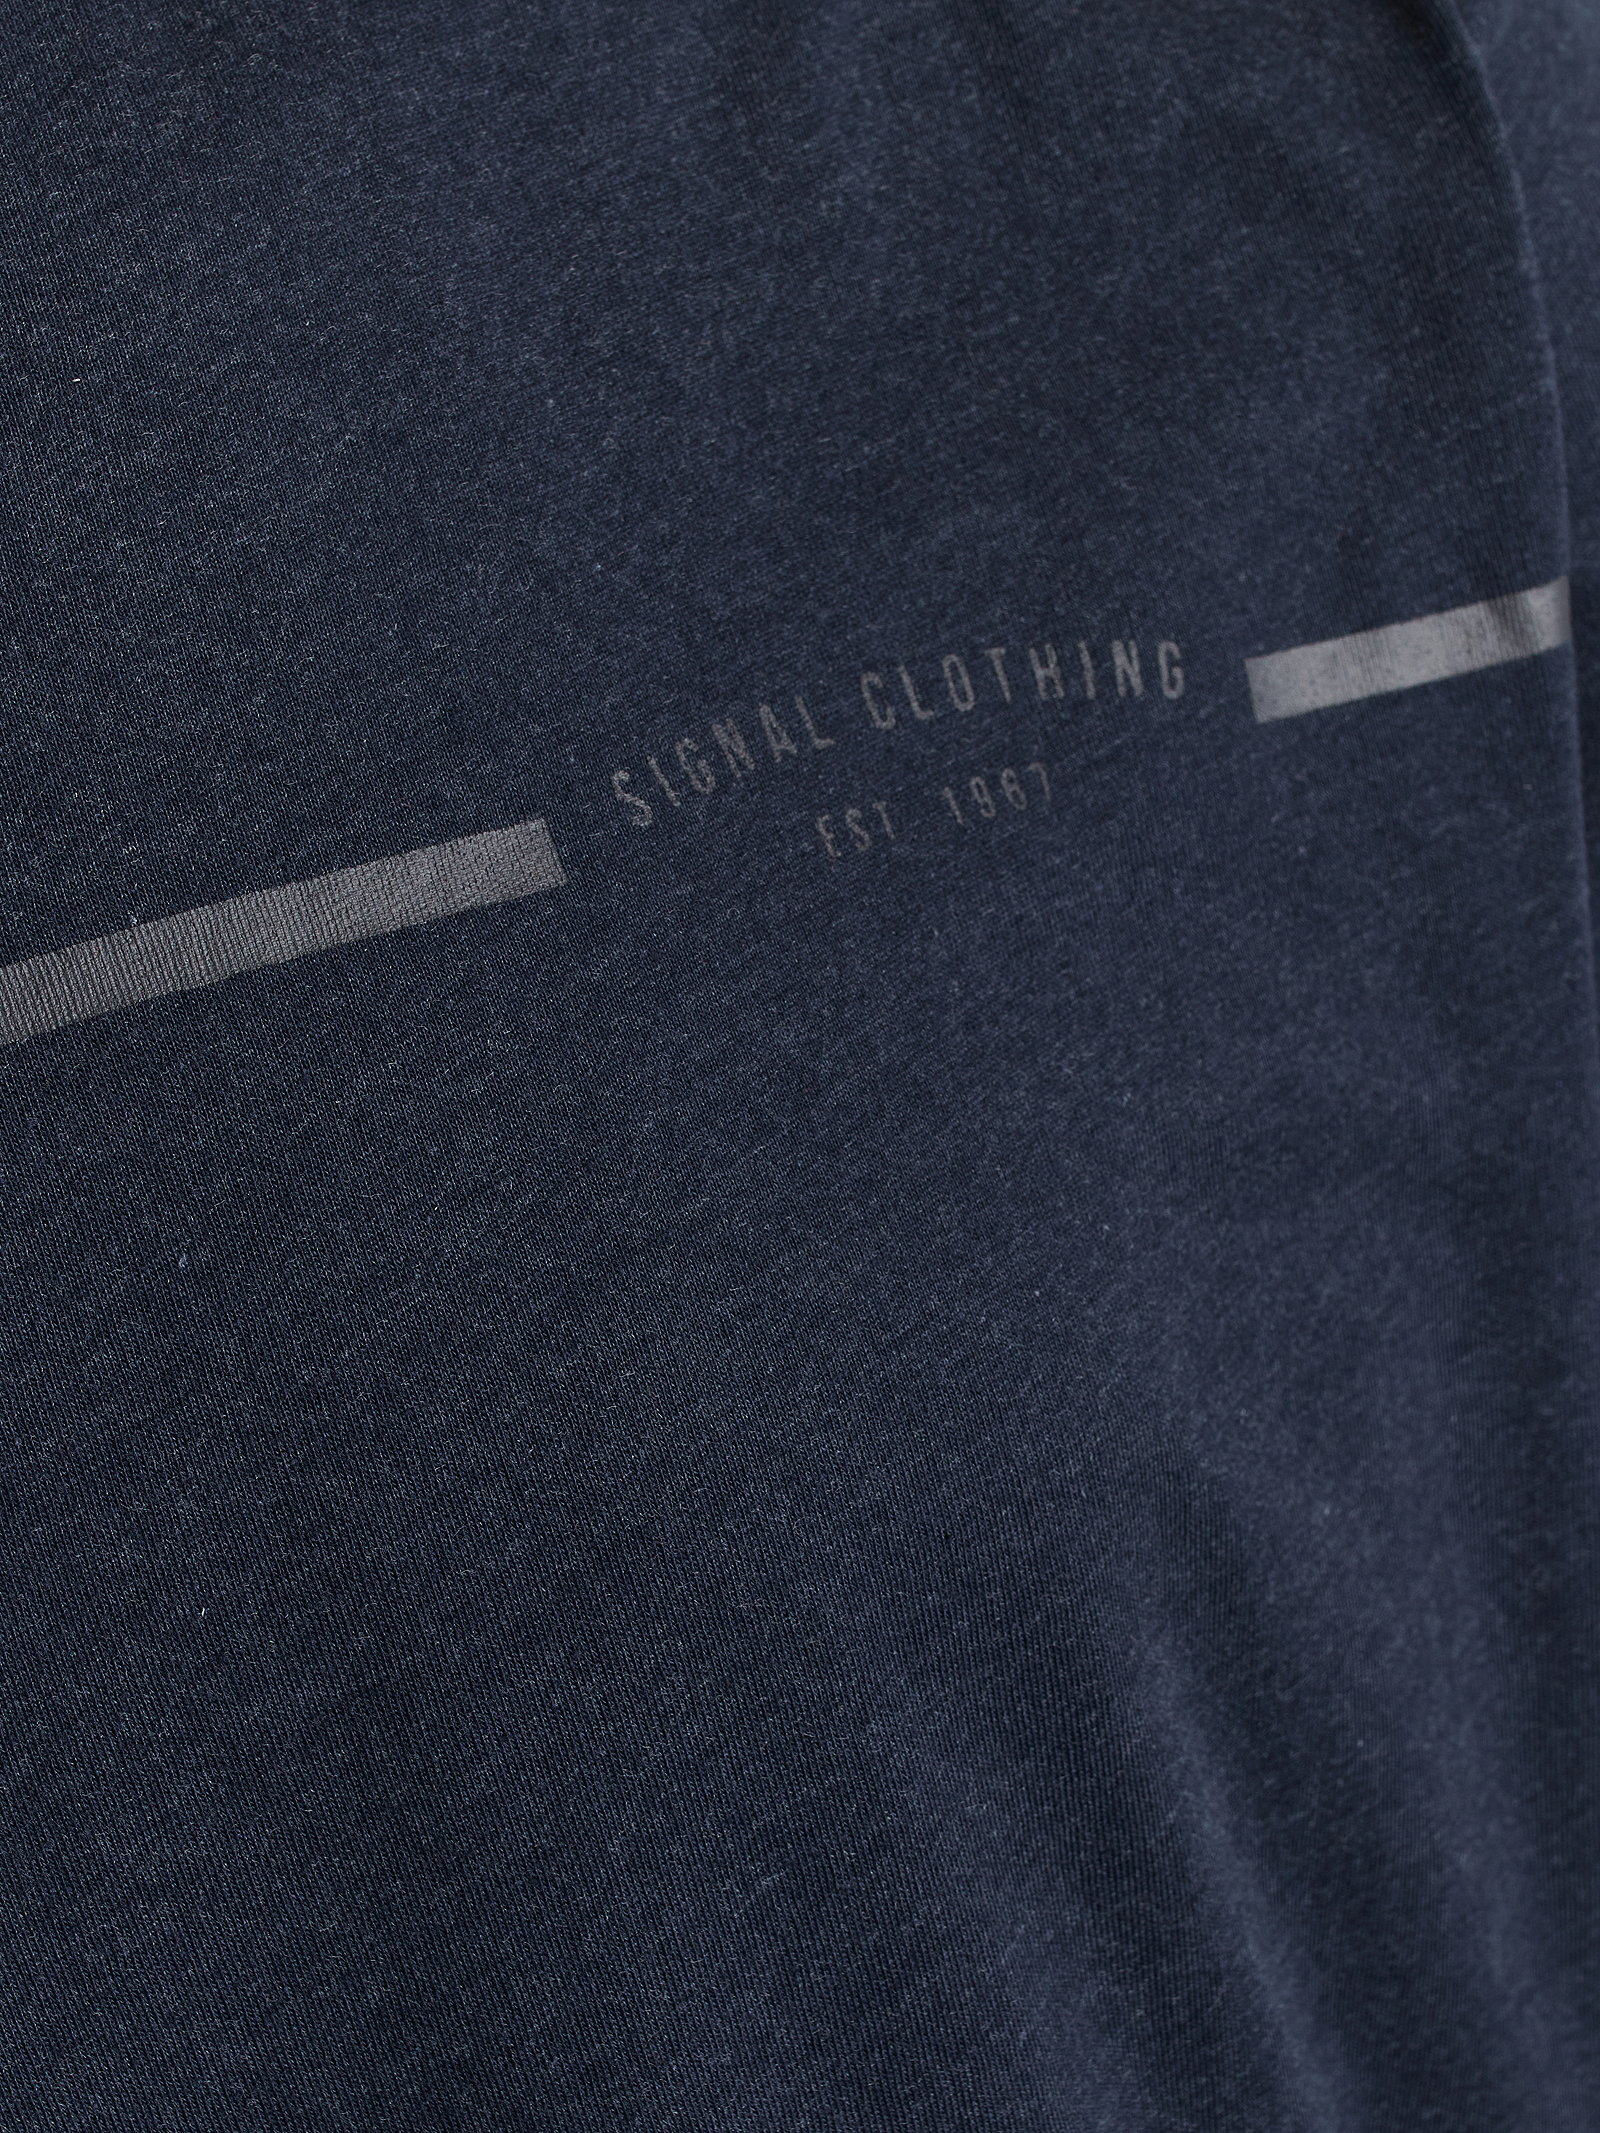 Signal New Aldo T-shirt, Blå, M